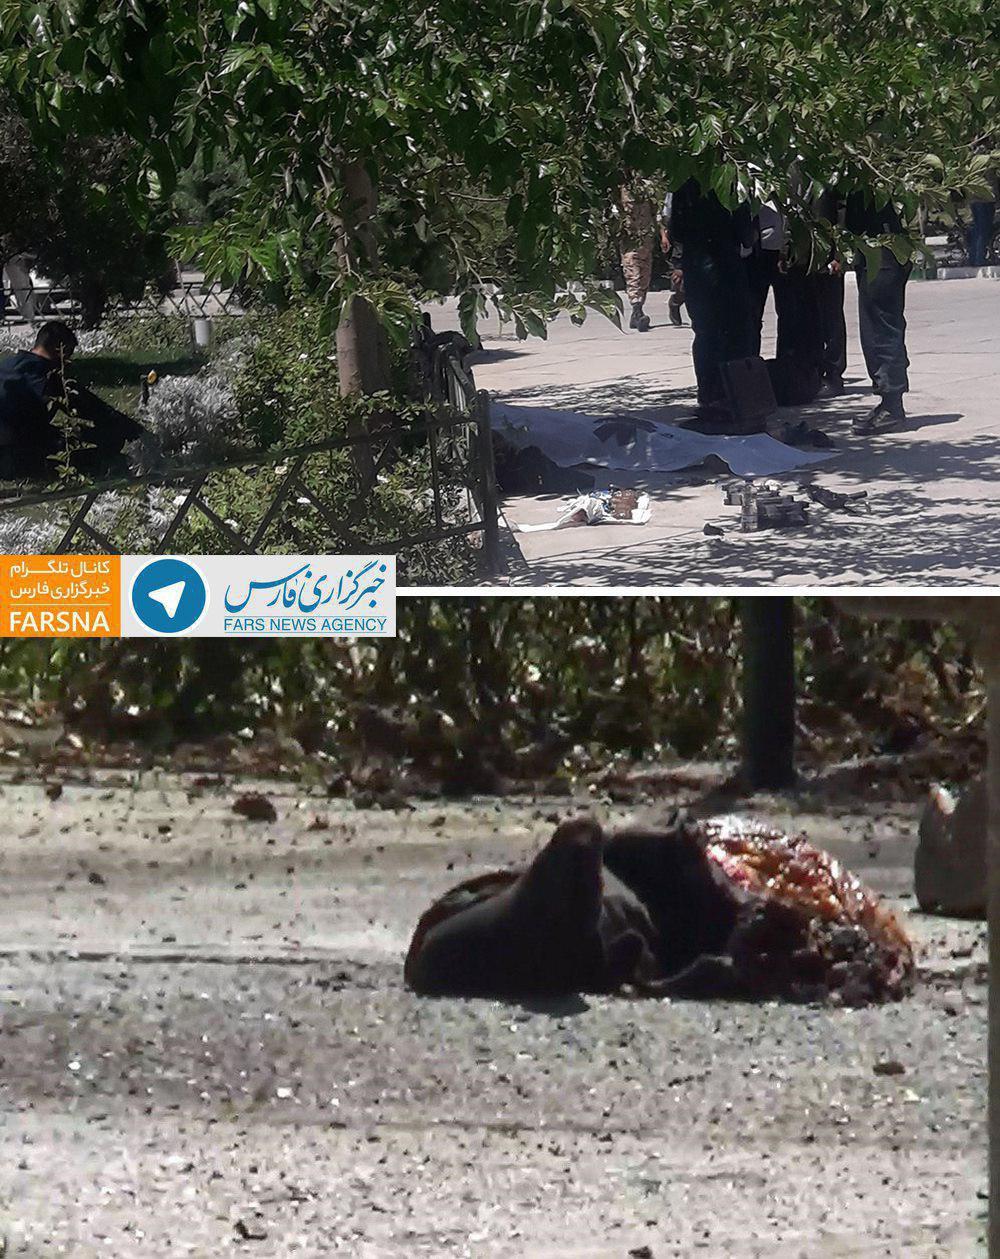 تیراندازی و انفجار انتحاری در حرم امام خمینی/ ادامه تیراندازی در مجلس / یک کشته و تعدادی زخمی (+عکس و فیلم)